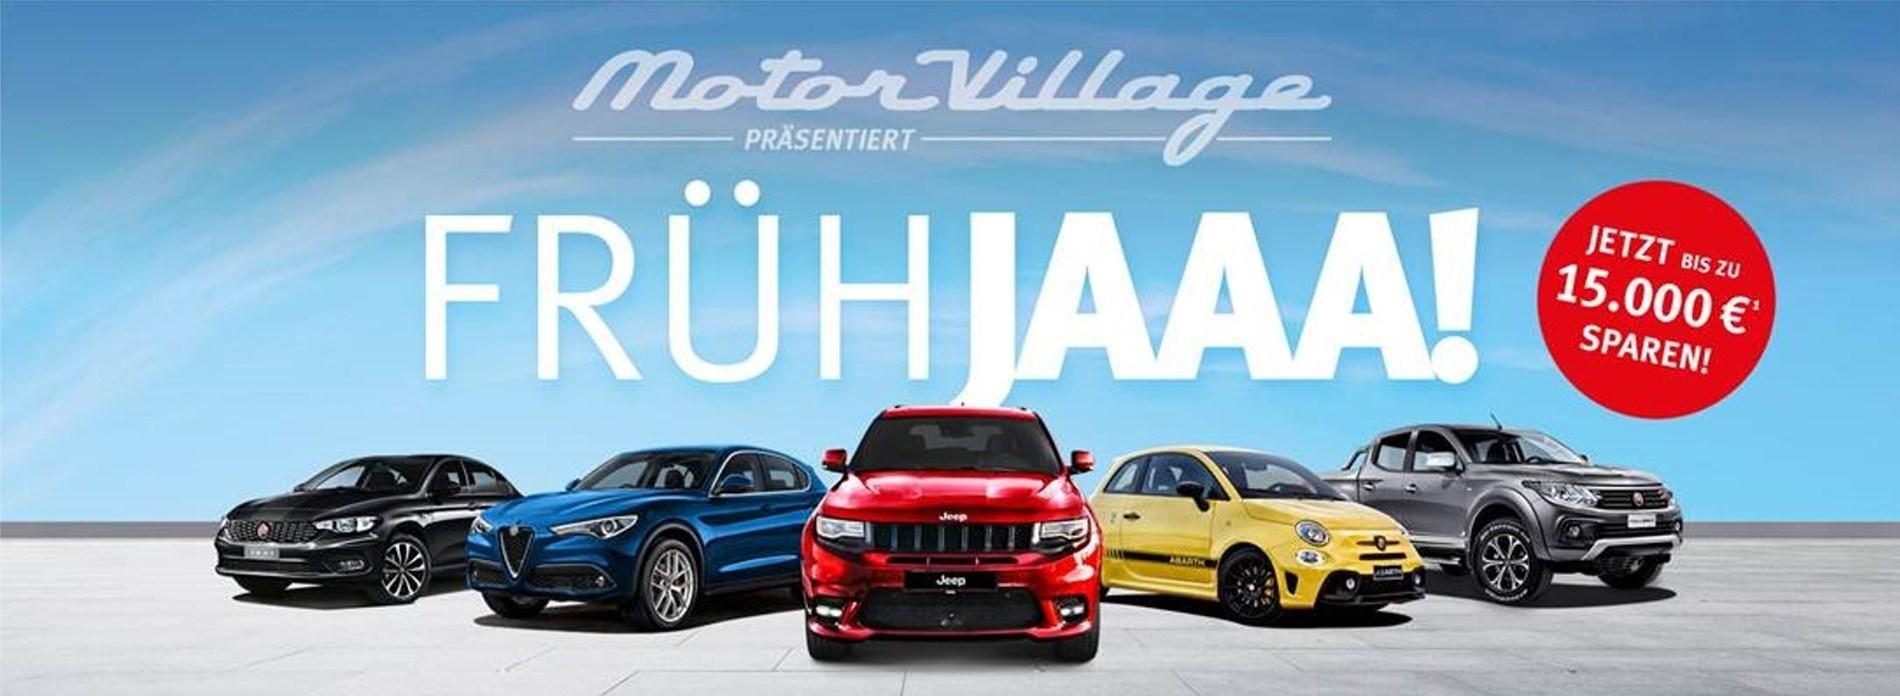 Motor-Village-Fruehjaaa-Angebot